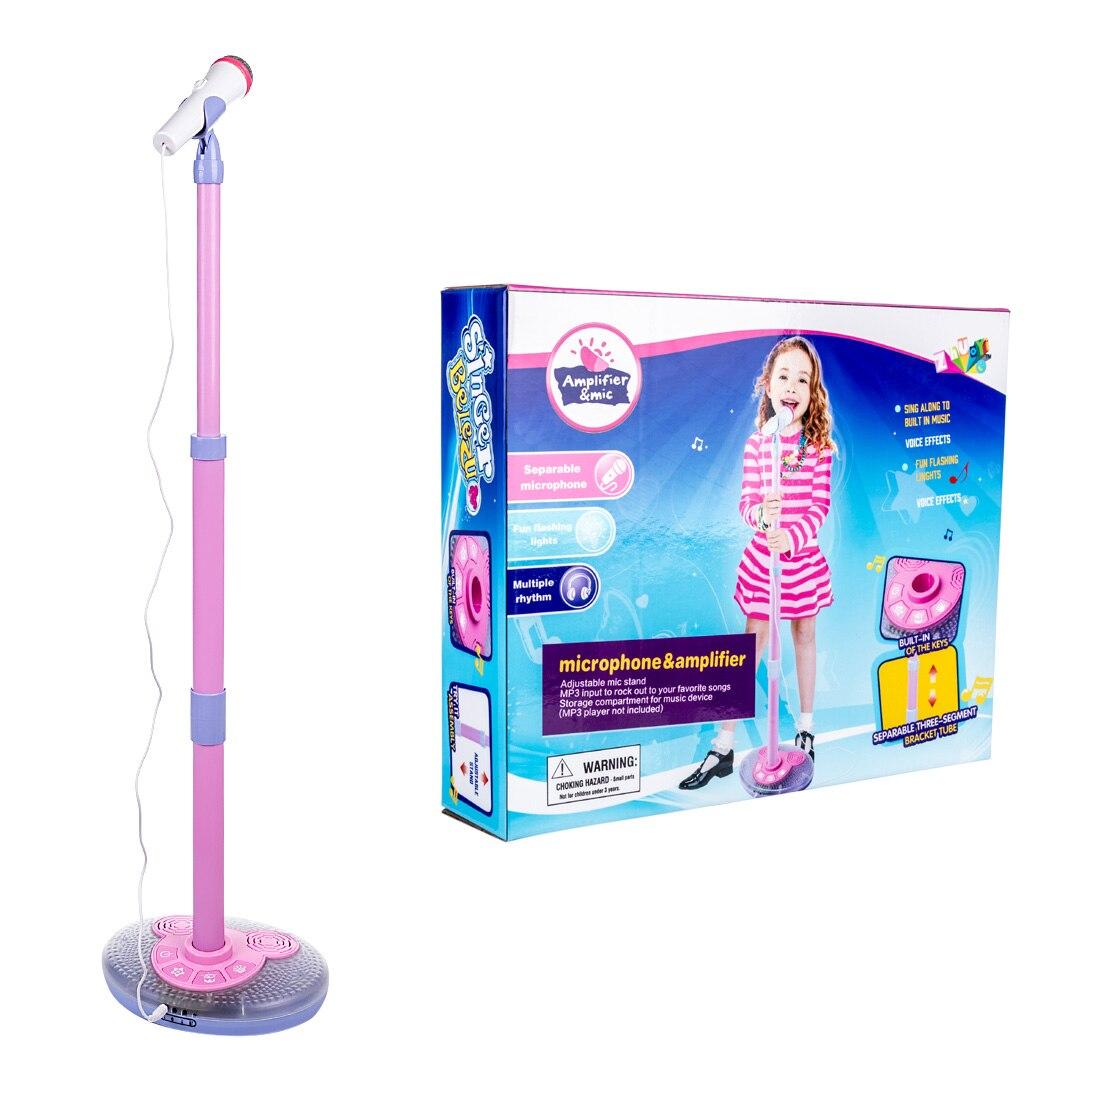 Детский микрофон с подставкой для караоке, регулируемая музыкальная игрушка со световым эффектом, подарок на день рождения для детей синий/